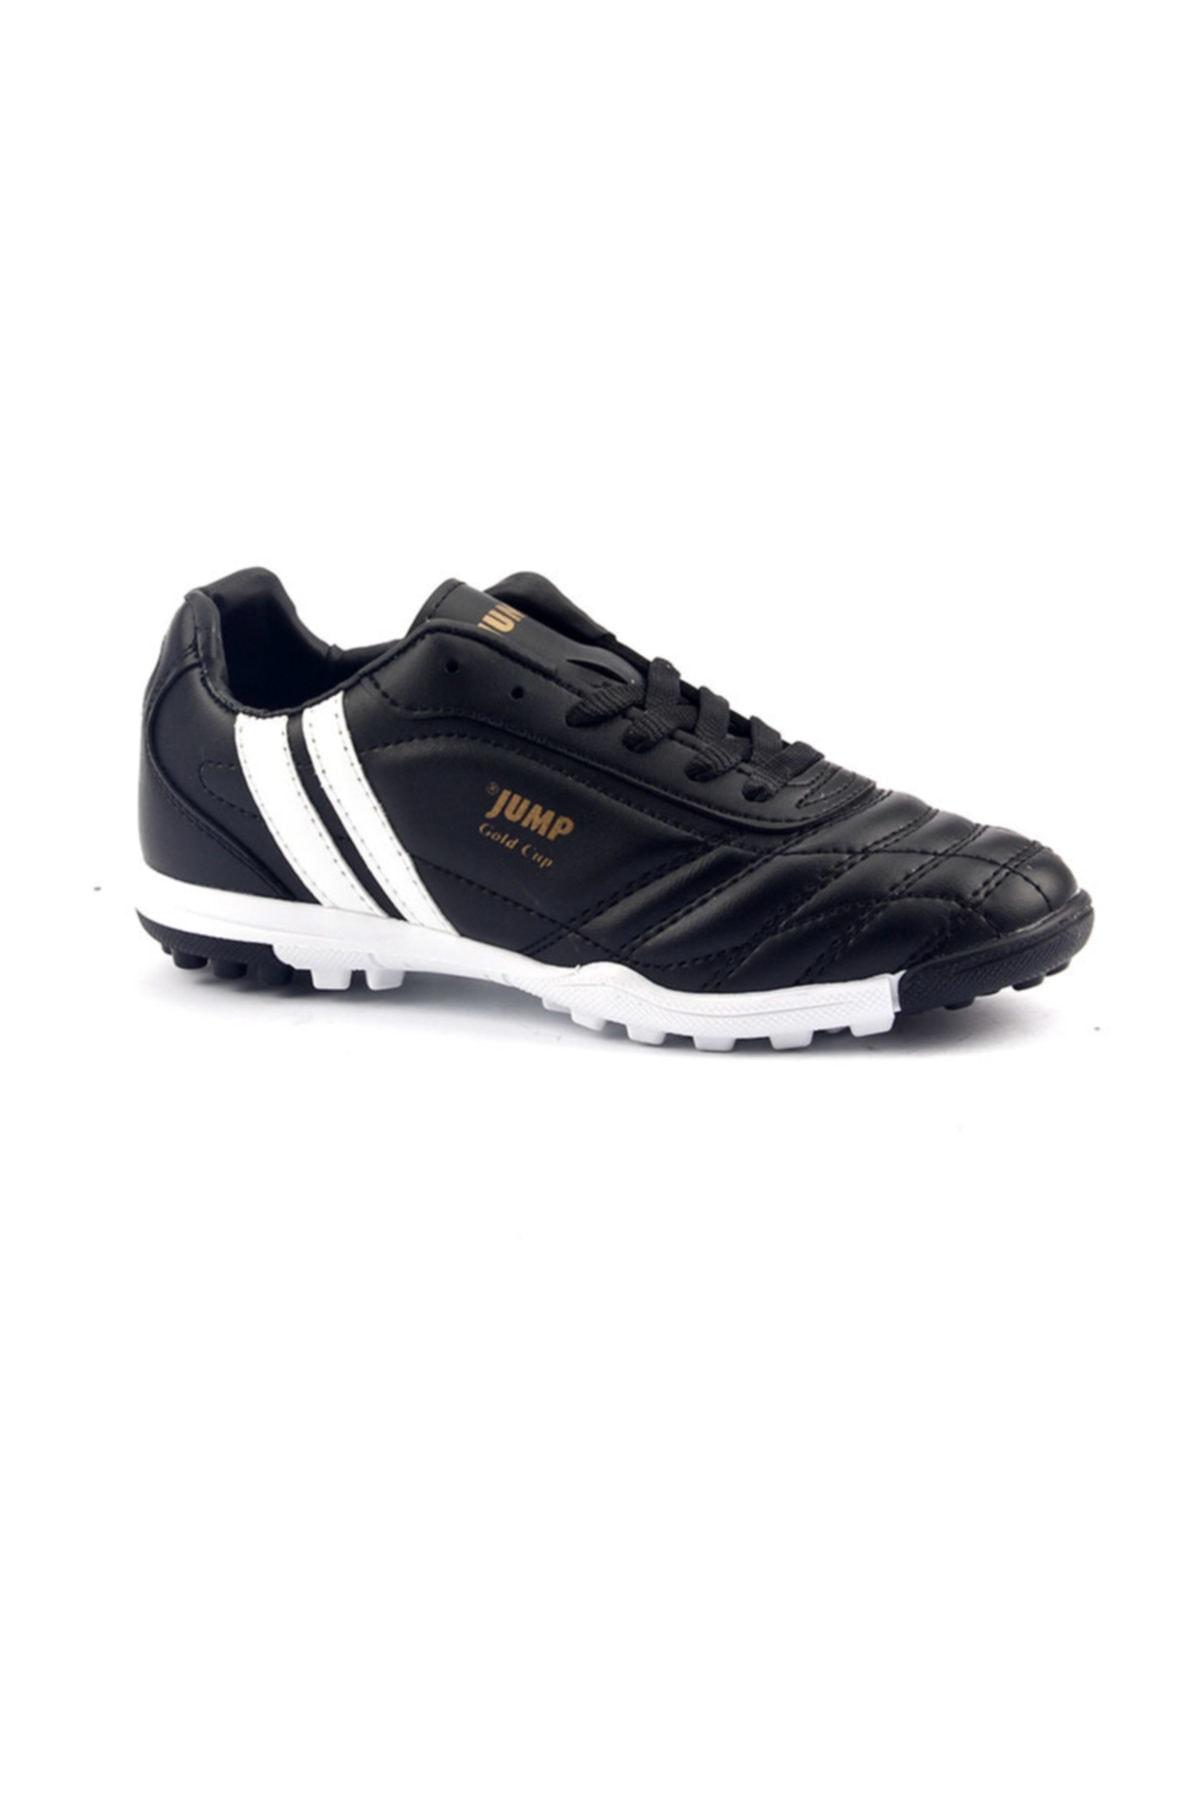 Jump Siyah Halısaha Krampon Erkek Çocuk Futbol Ayakkabı 1